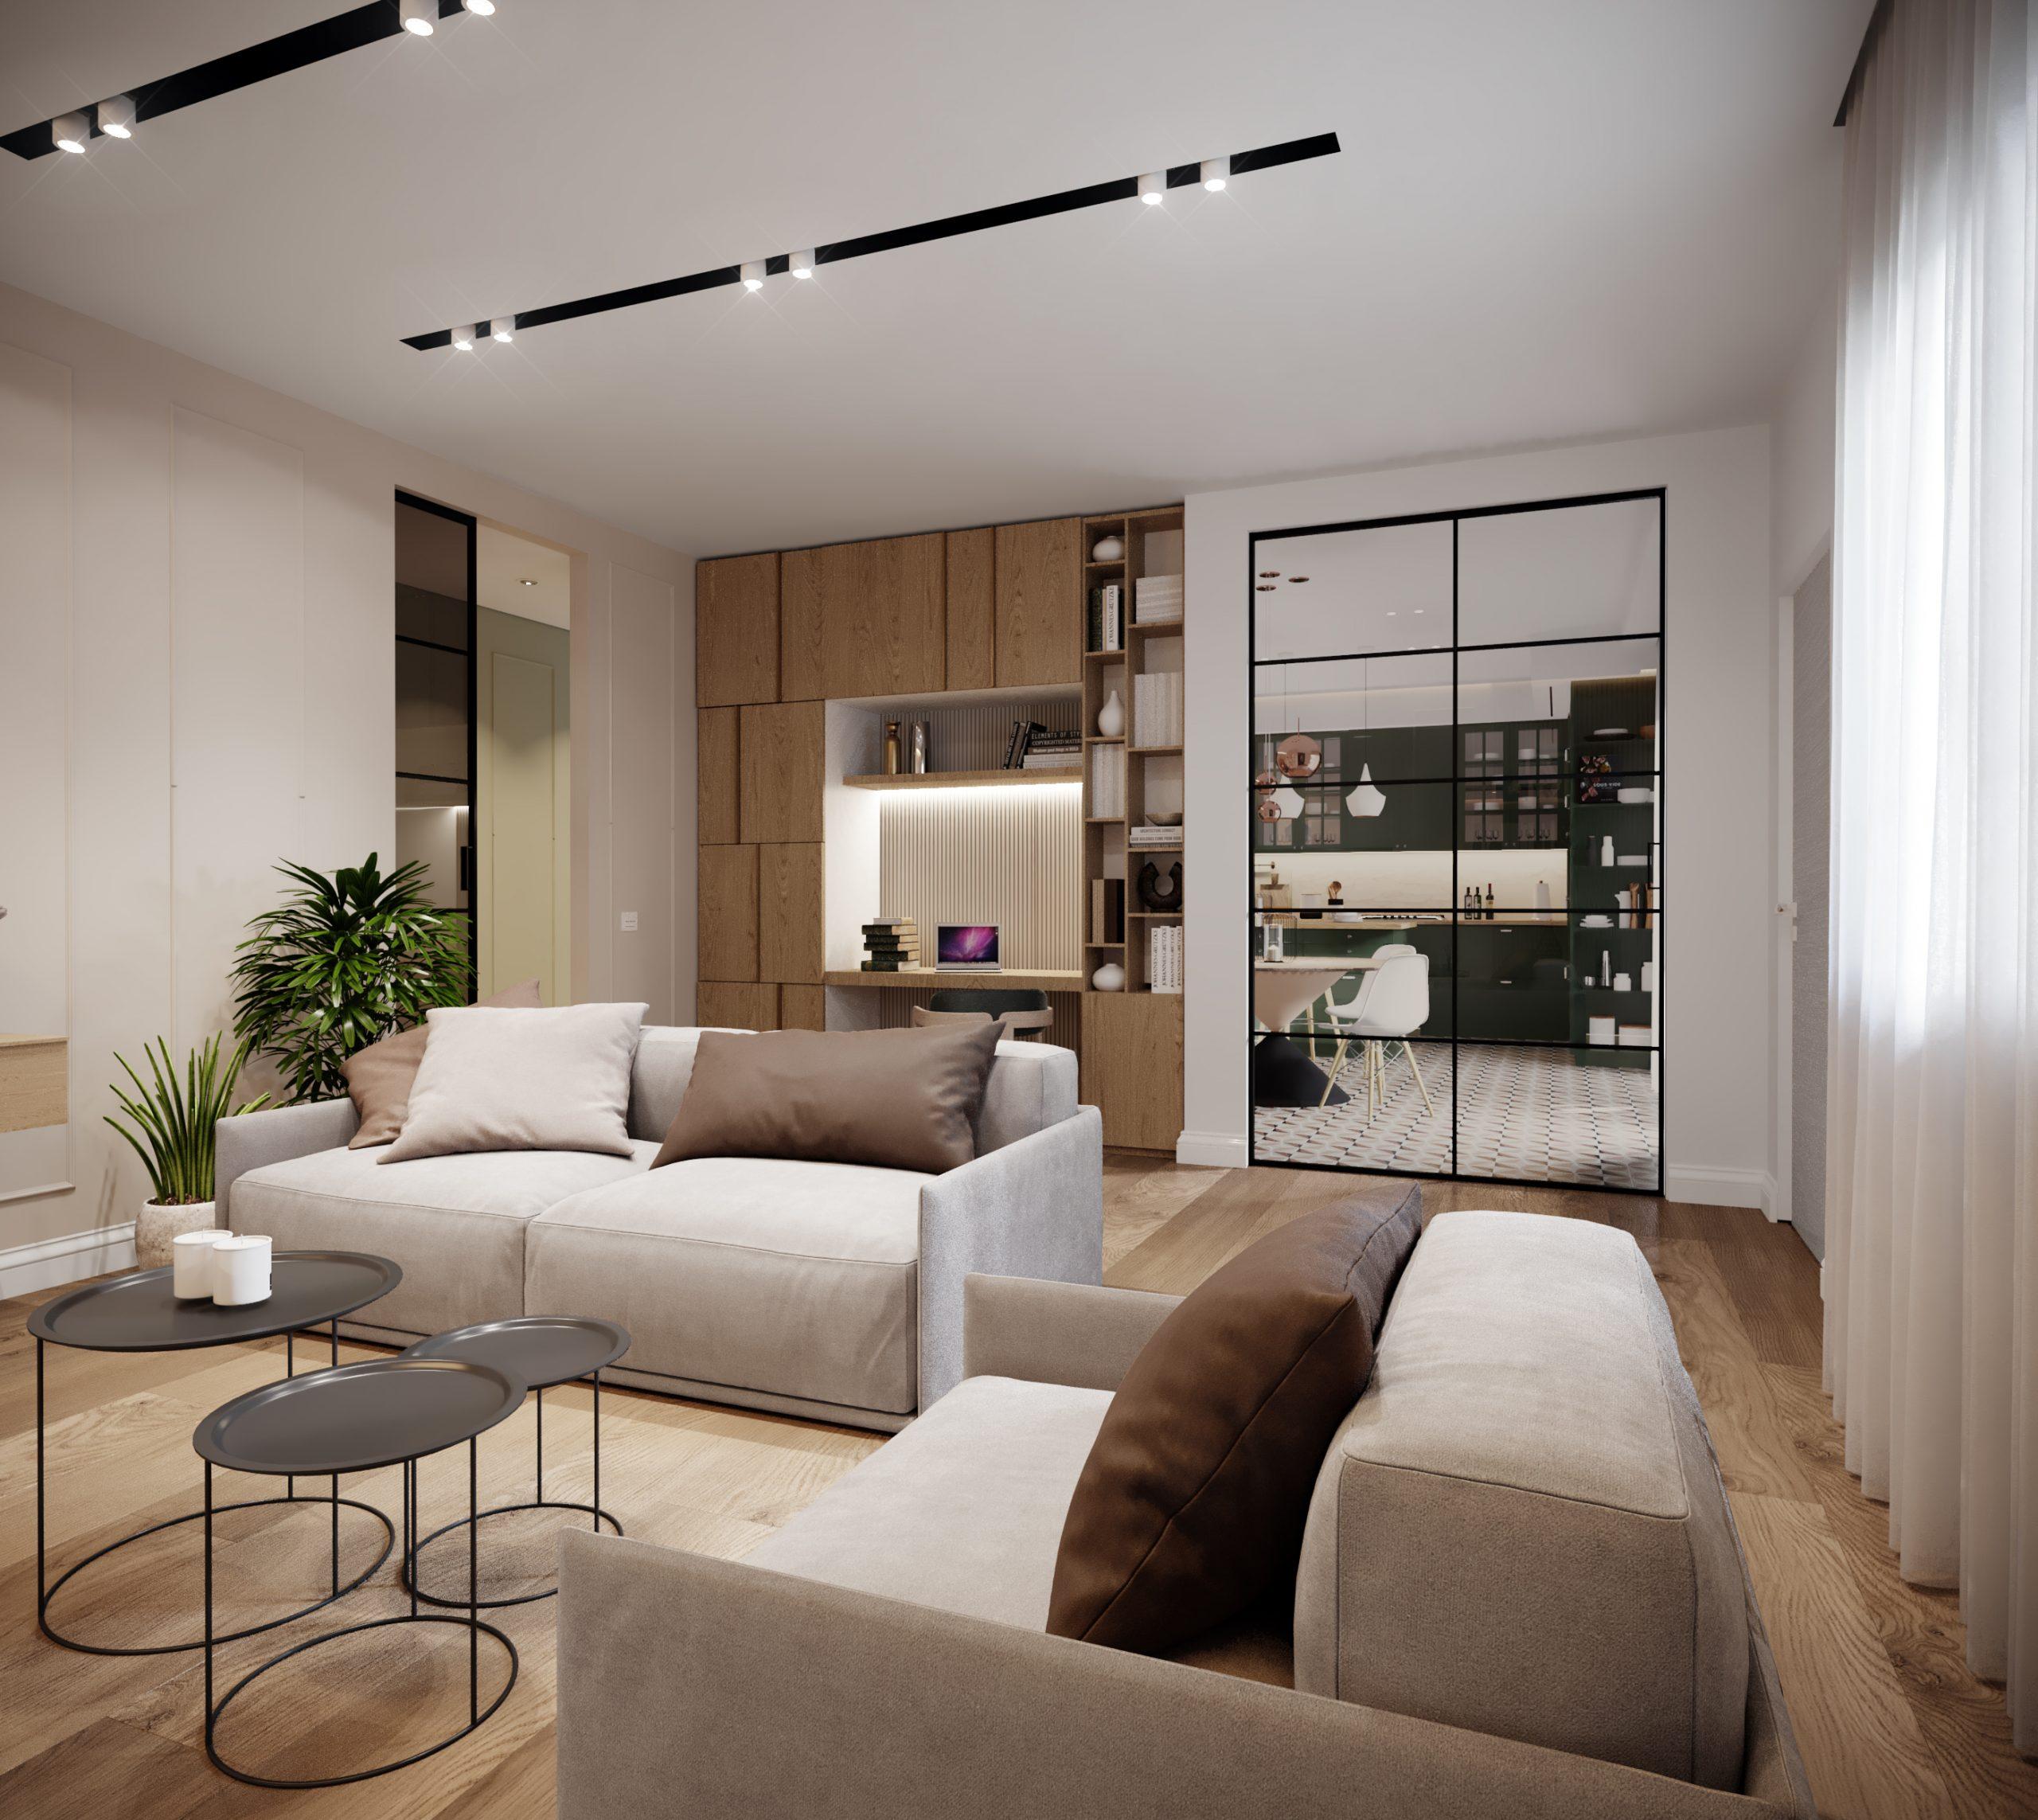 Come arredare un soggiorno rettangolare in 5 mosse